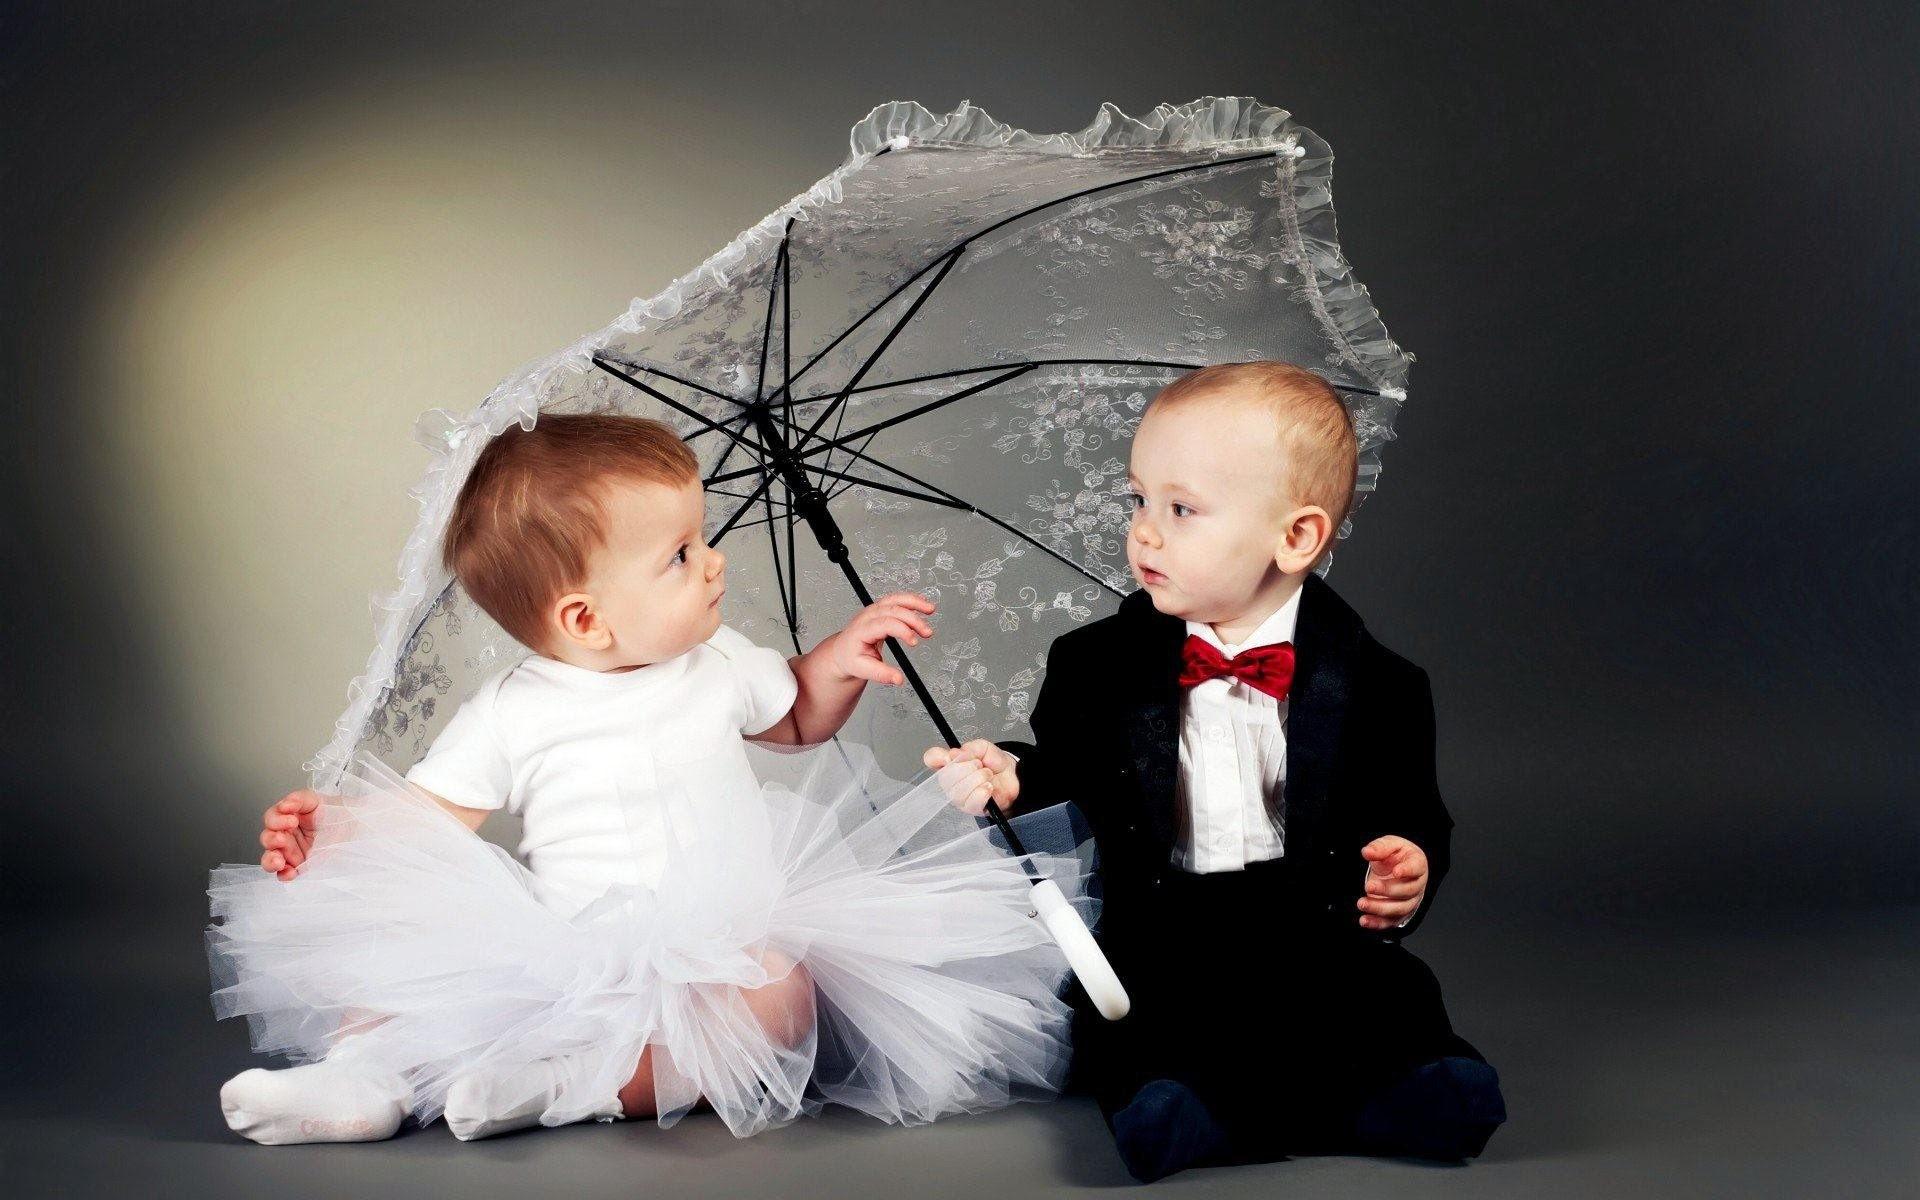 98+ Romantic Baby Couple Hd Wallpaper Gratis Terbaru